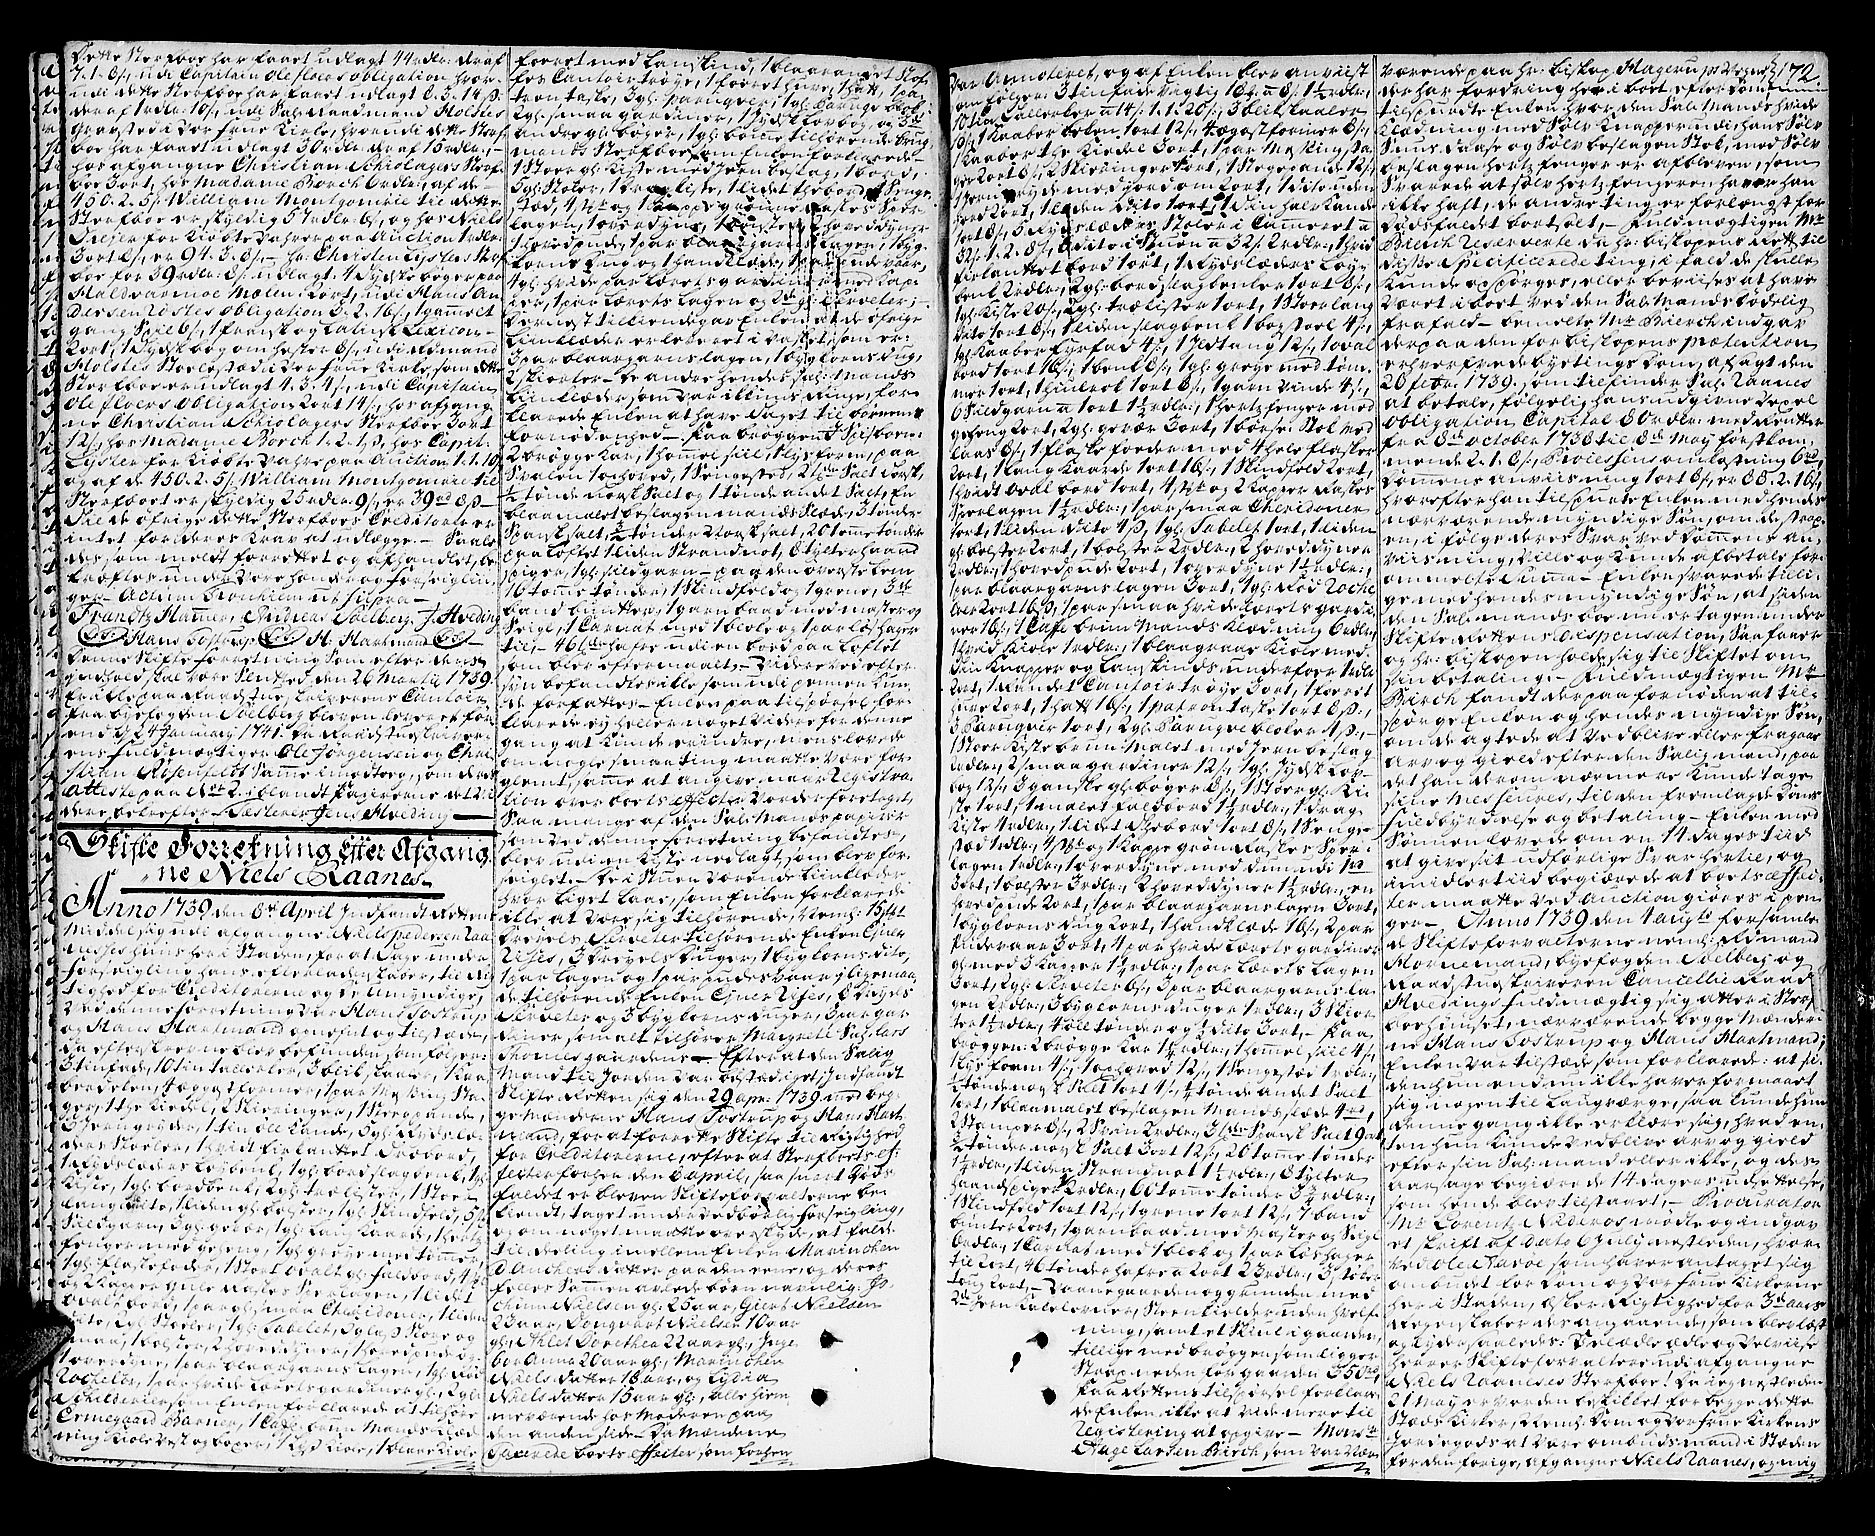 SAT, Trondheim byfogd, 3/3A/L0014: Skifteprotokoll - gml.nr.13a. (m/ register), 1737-1742, s. 171b-172a